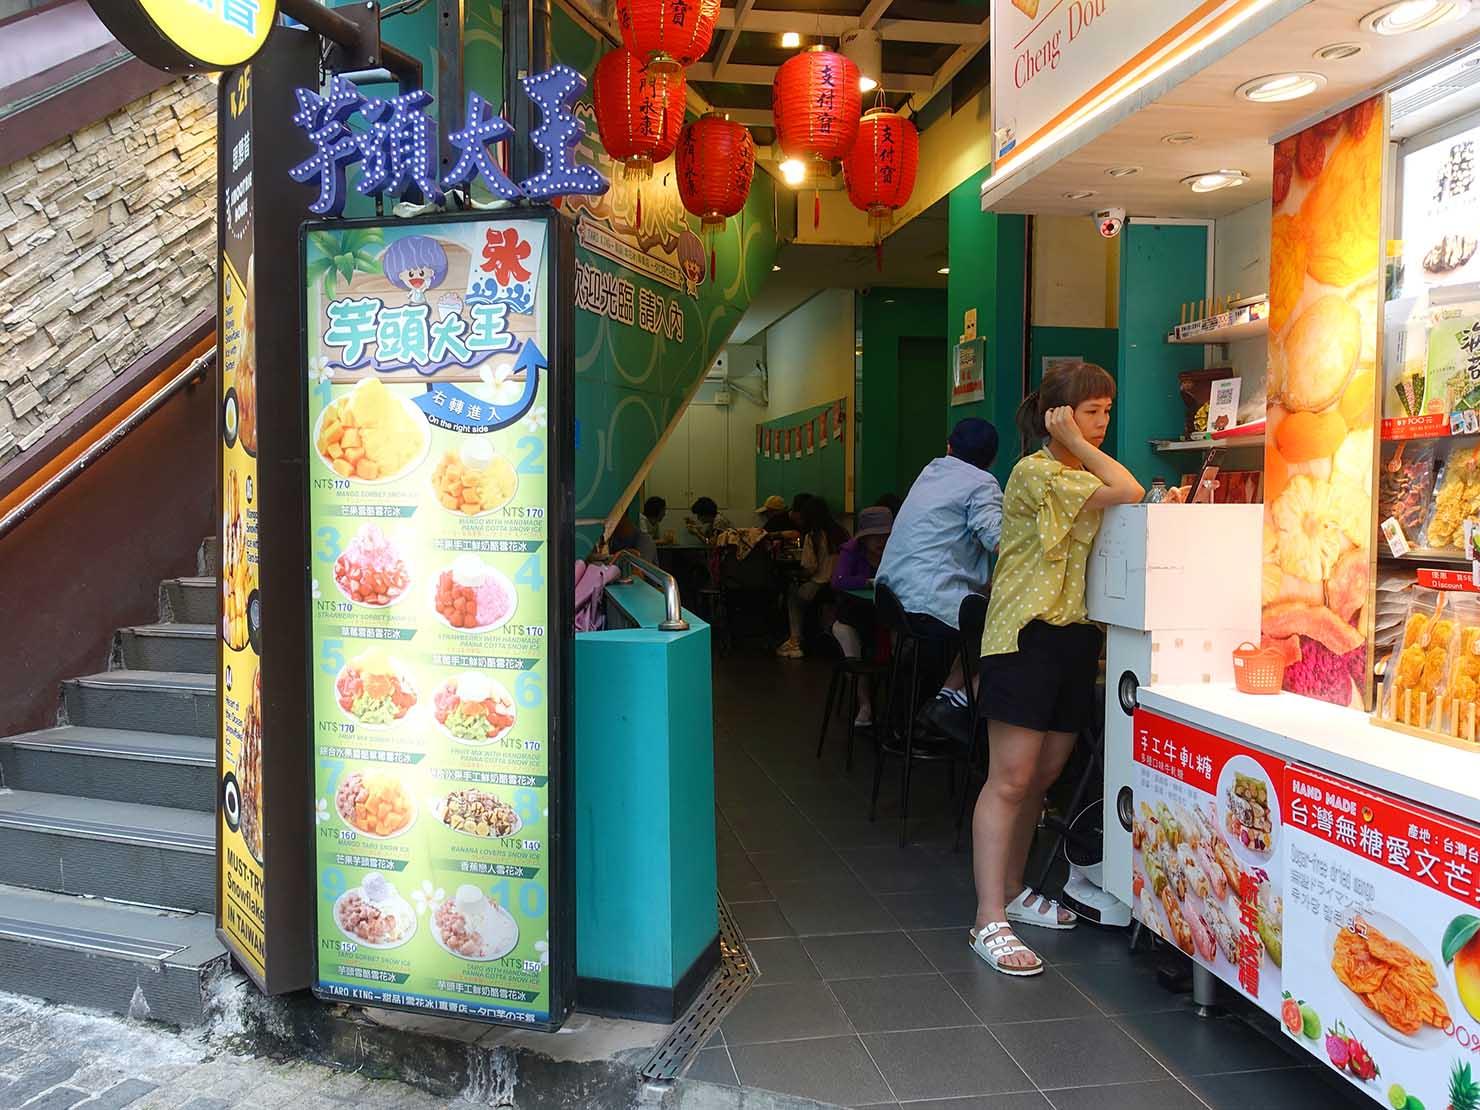 台北・永康街の豆花がいただけるお店「芋頭大王」の外観